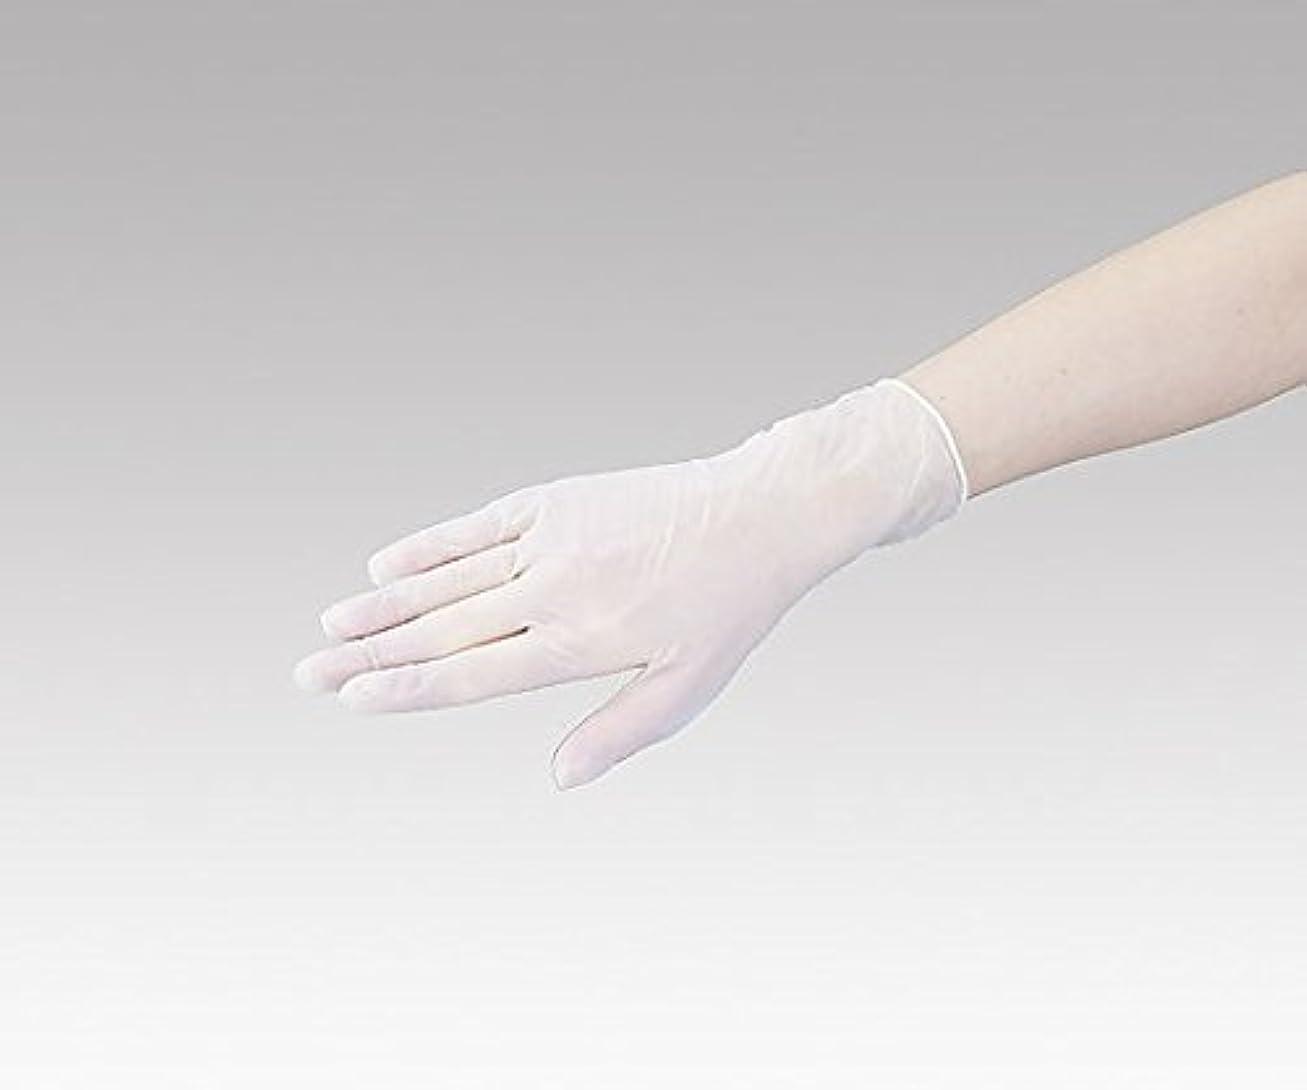 プロペラスラッシュここにナビス(アズワン)0-9867-02ナビロールプラスチック手袋M100入